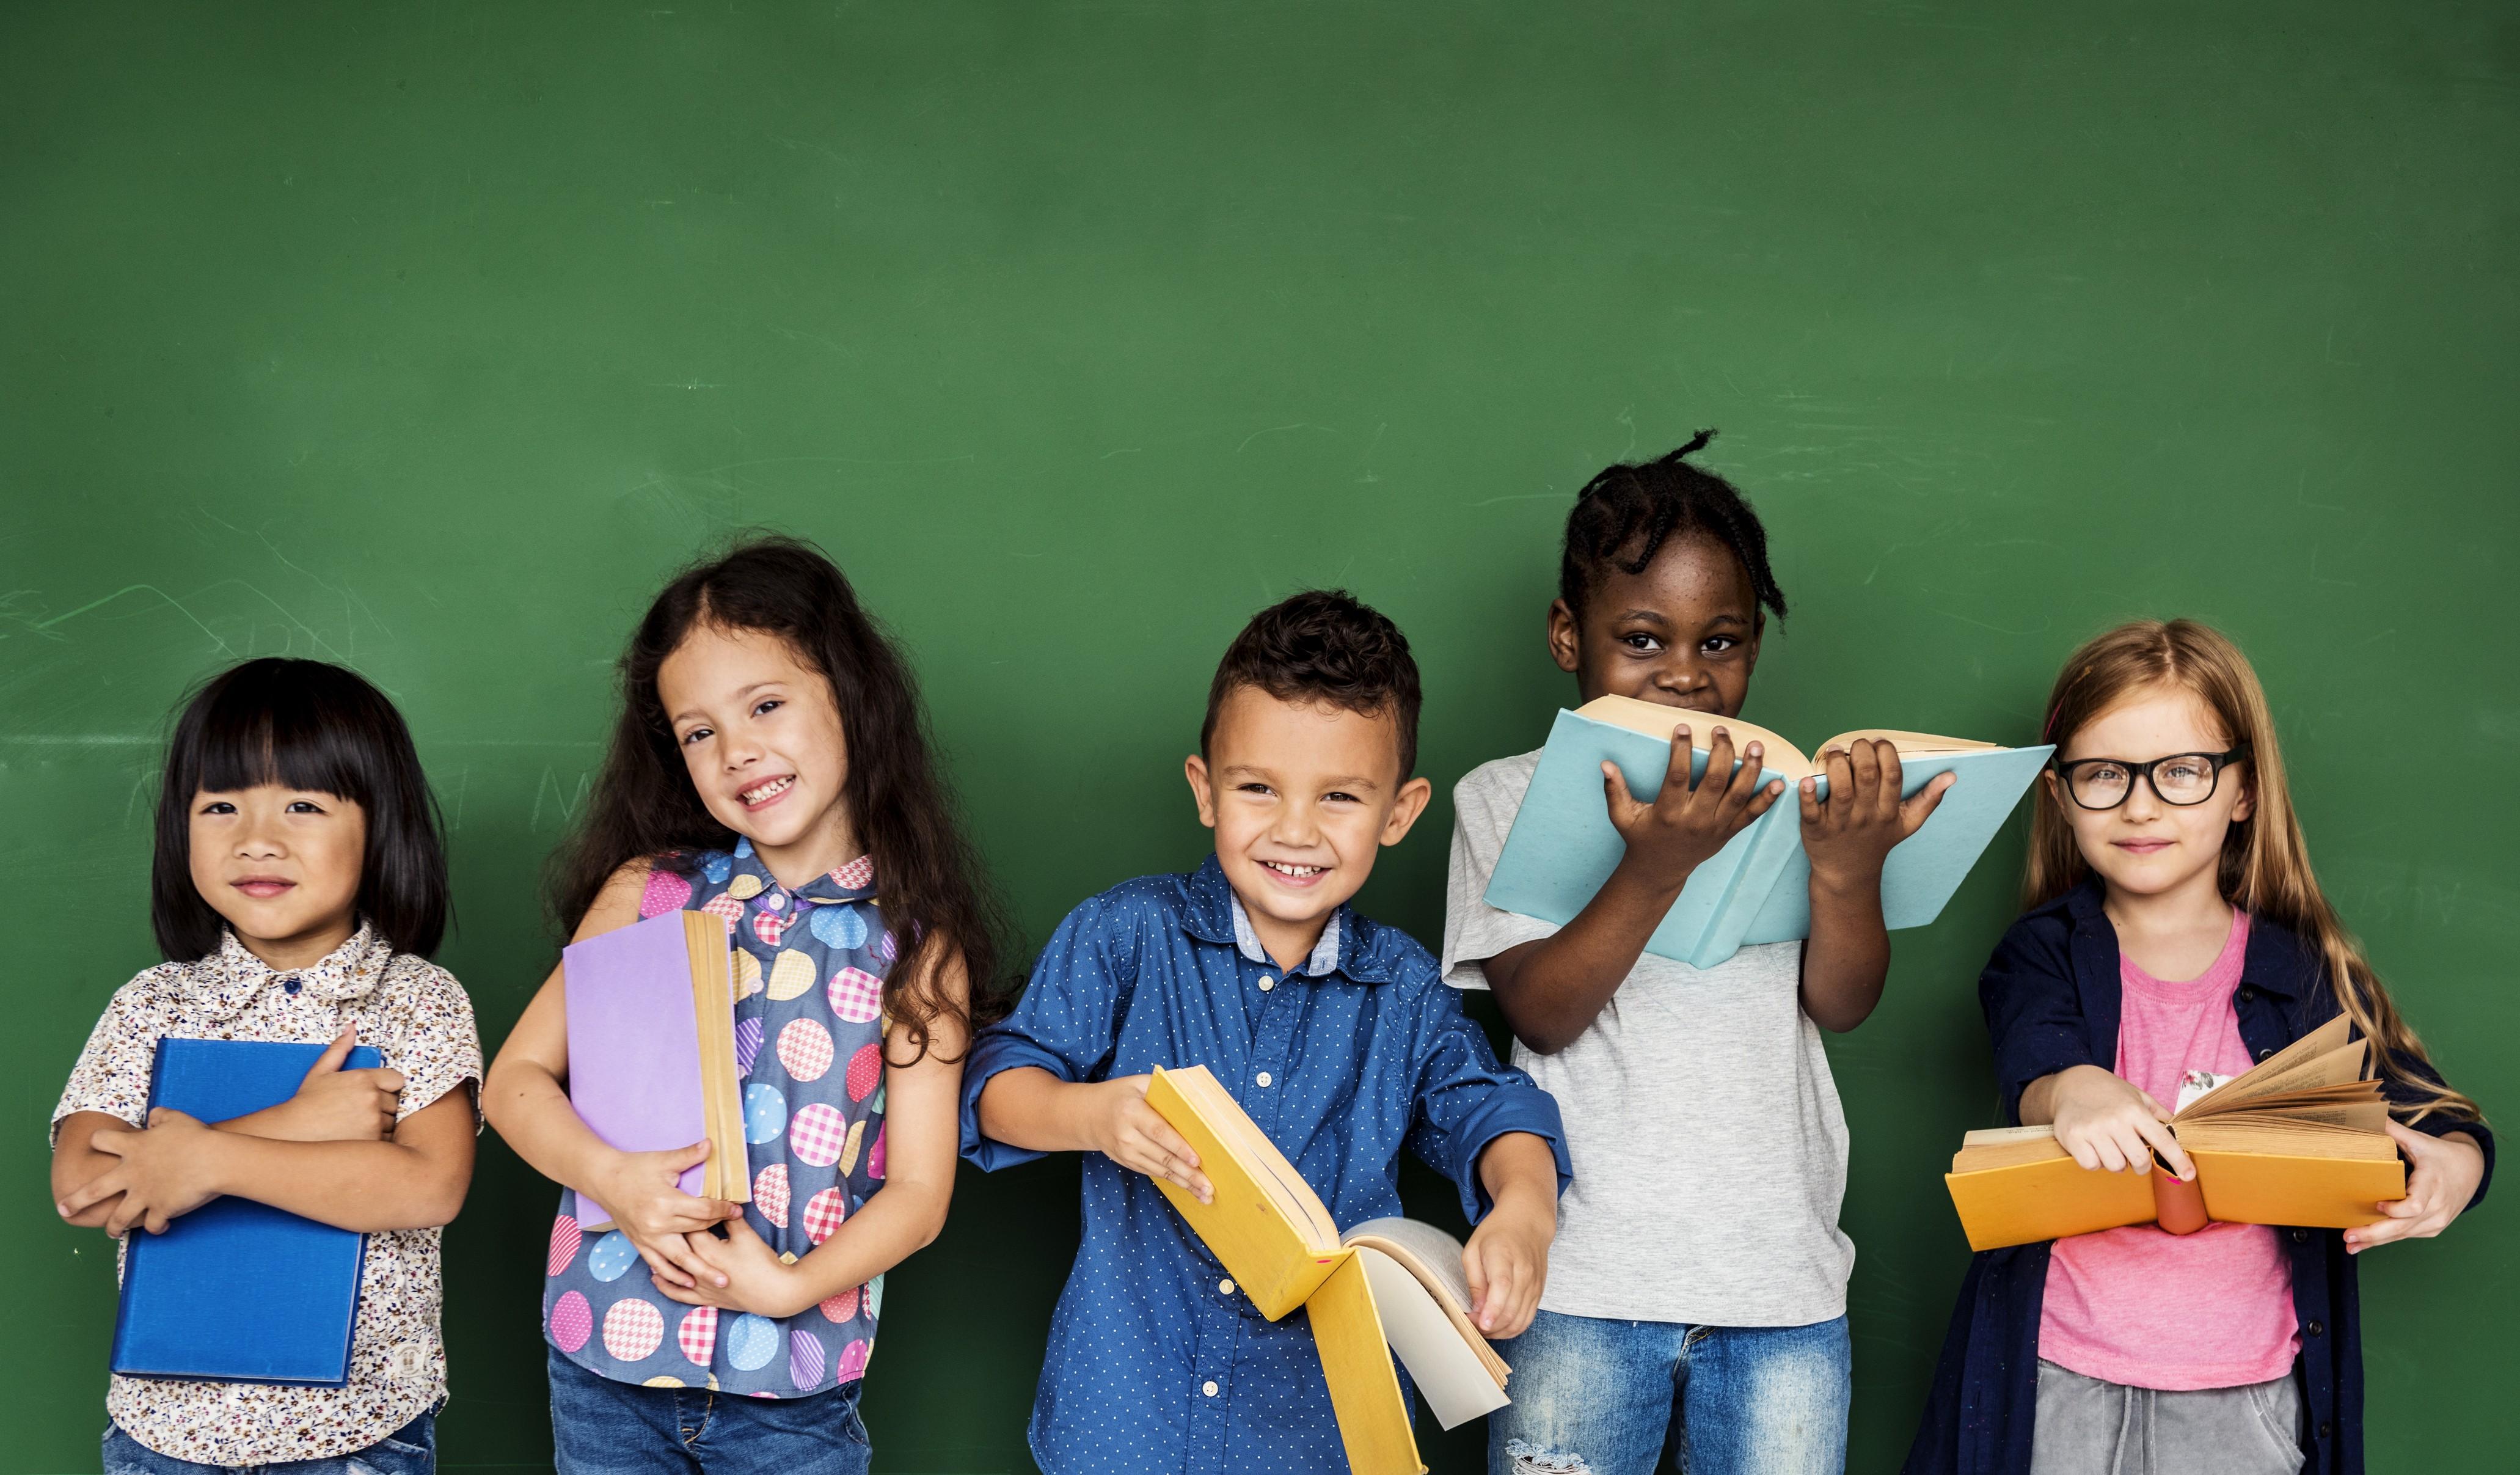 Aprendizado da criança vai além dos livros (Foto: Thinkstock)